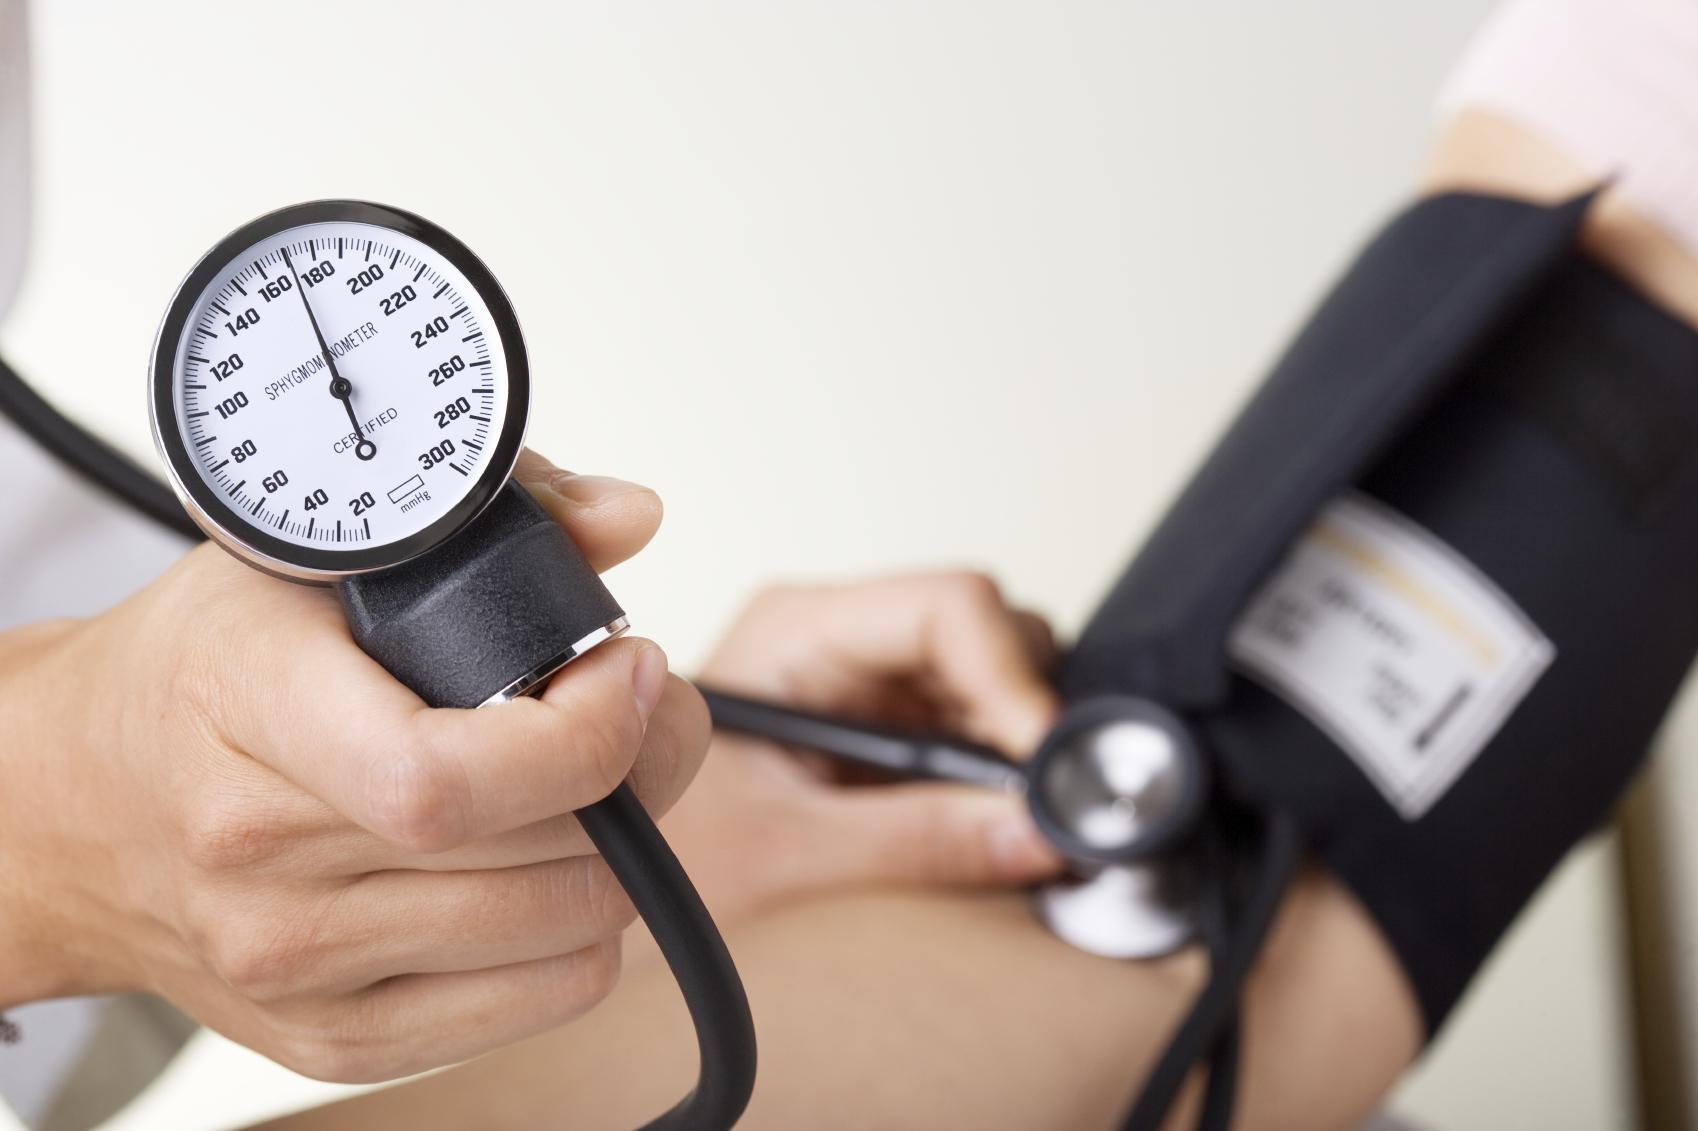 Χαμηλή αρτηριακή πίεση: Τα συμπτώματα που φοβίζουν